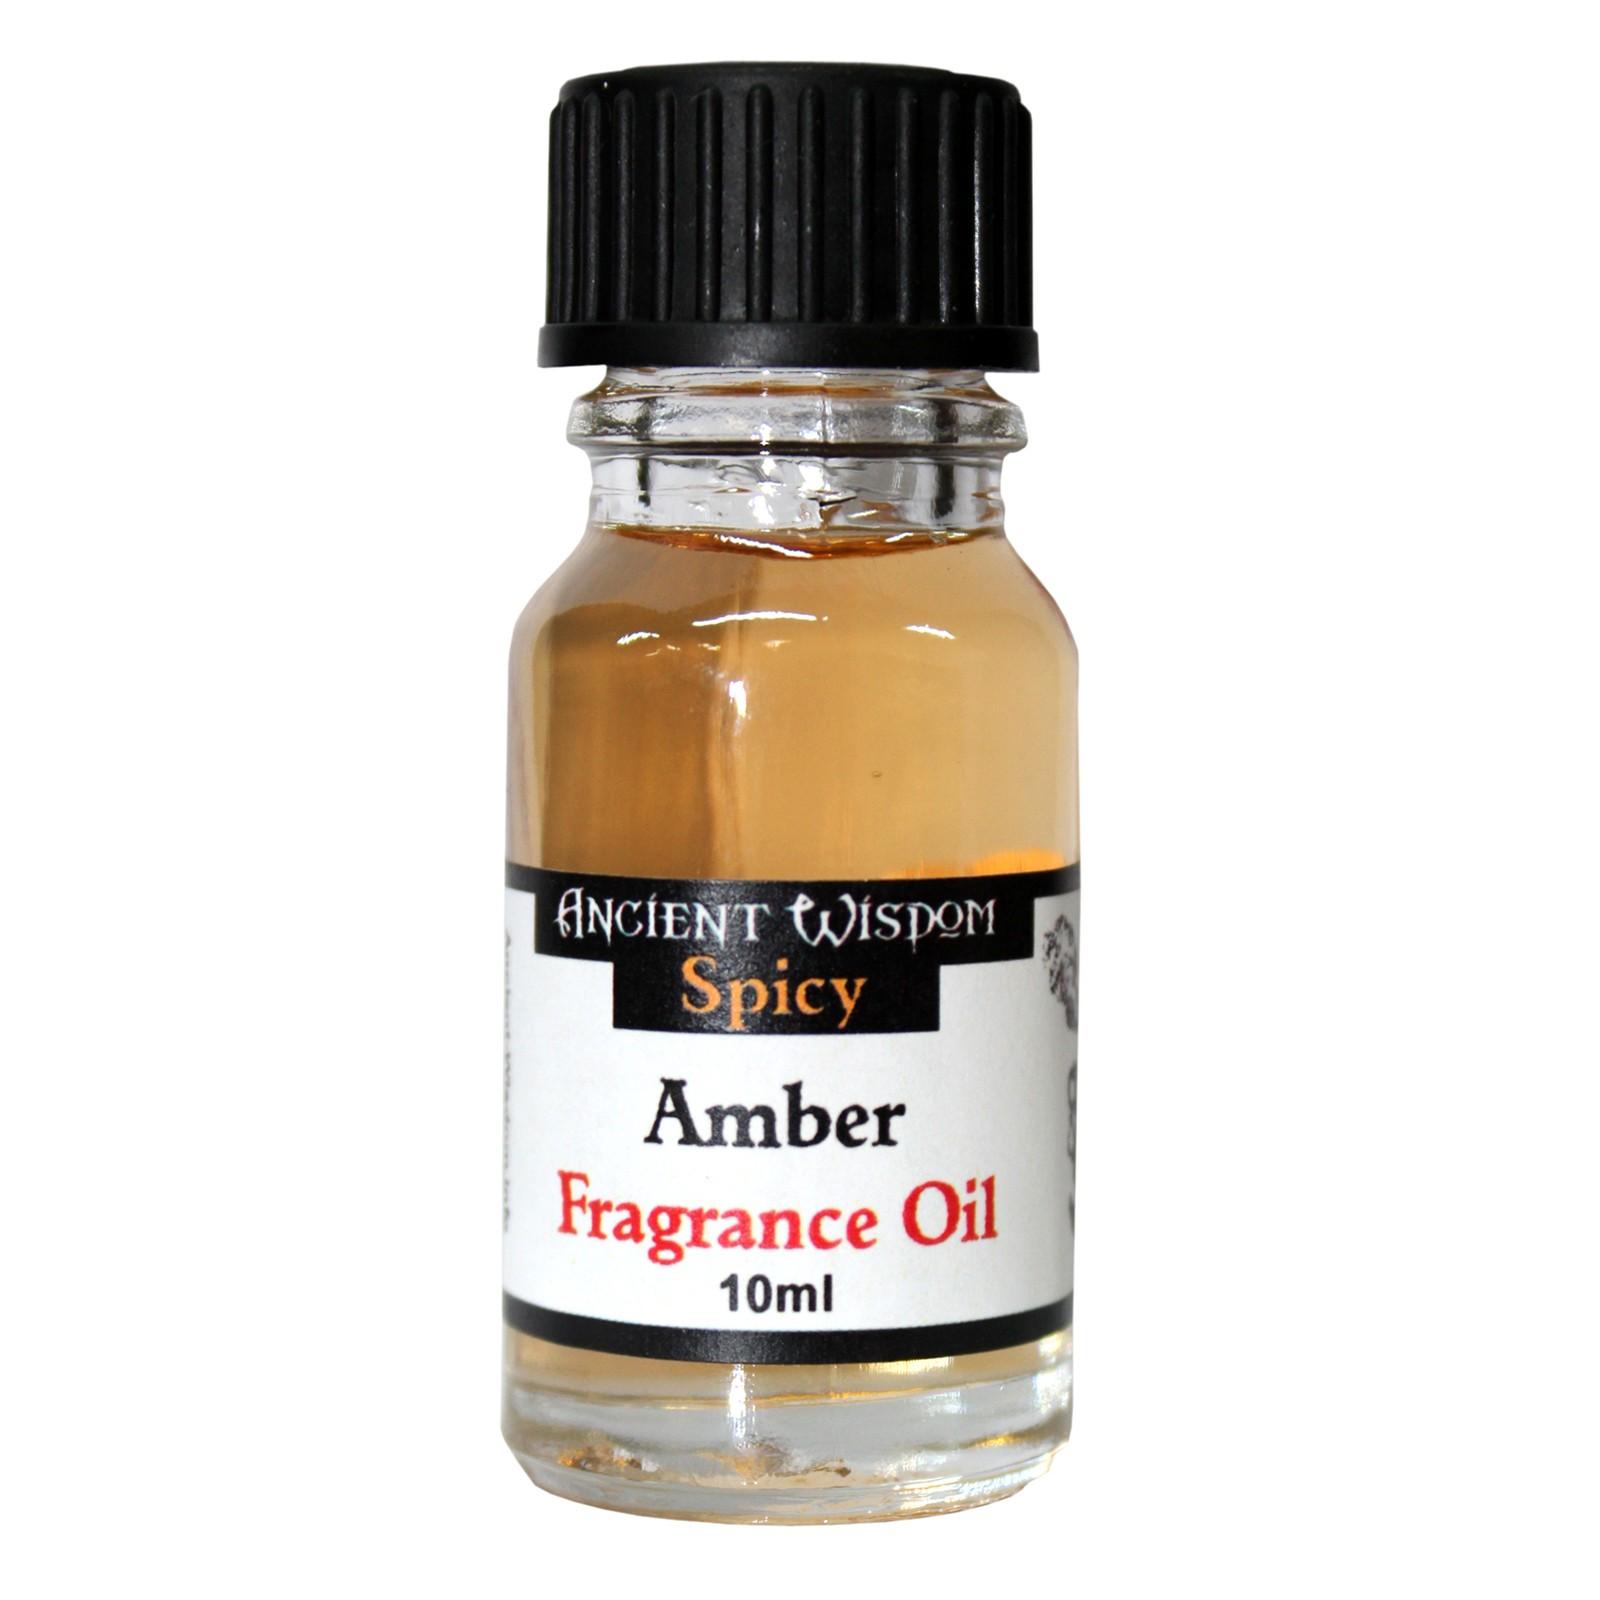 10ml Amber Fragrance Oil